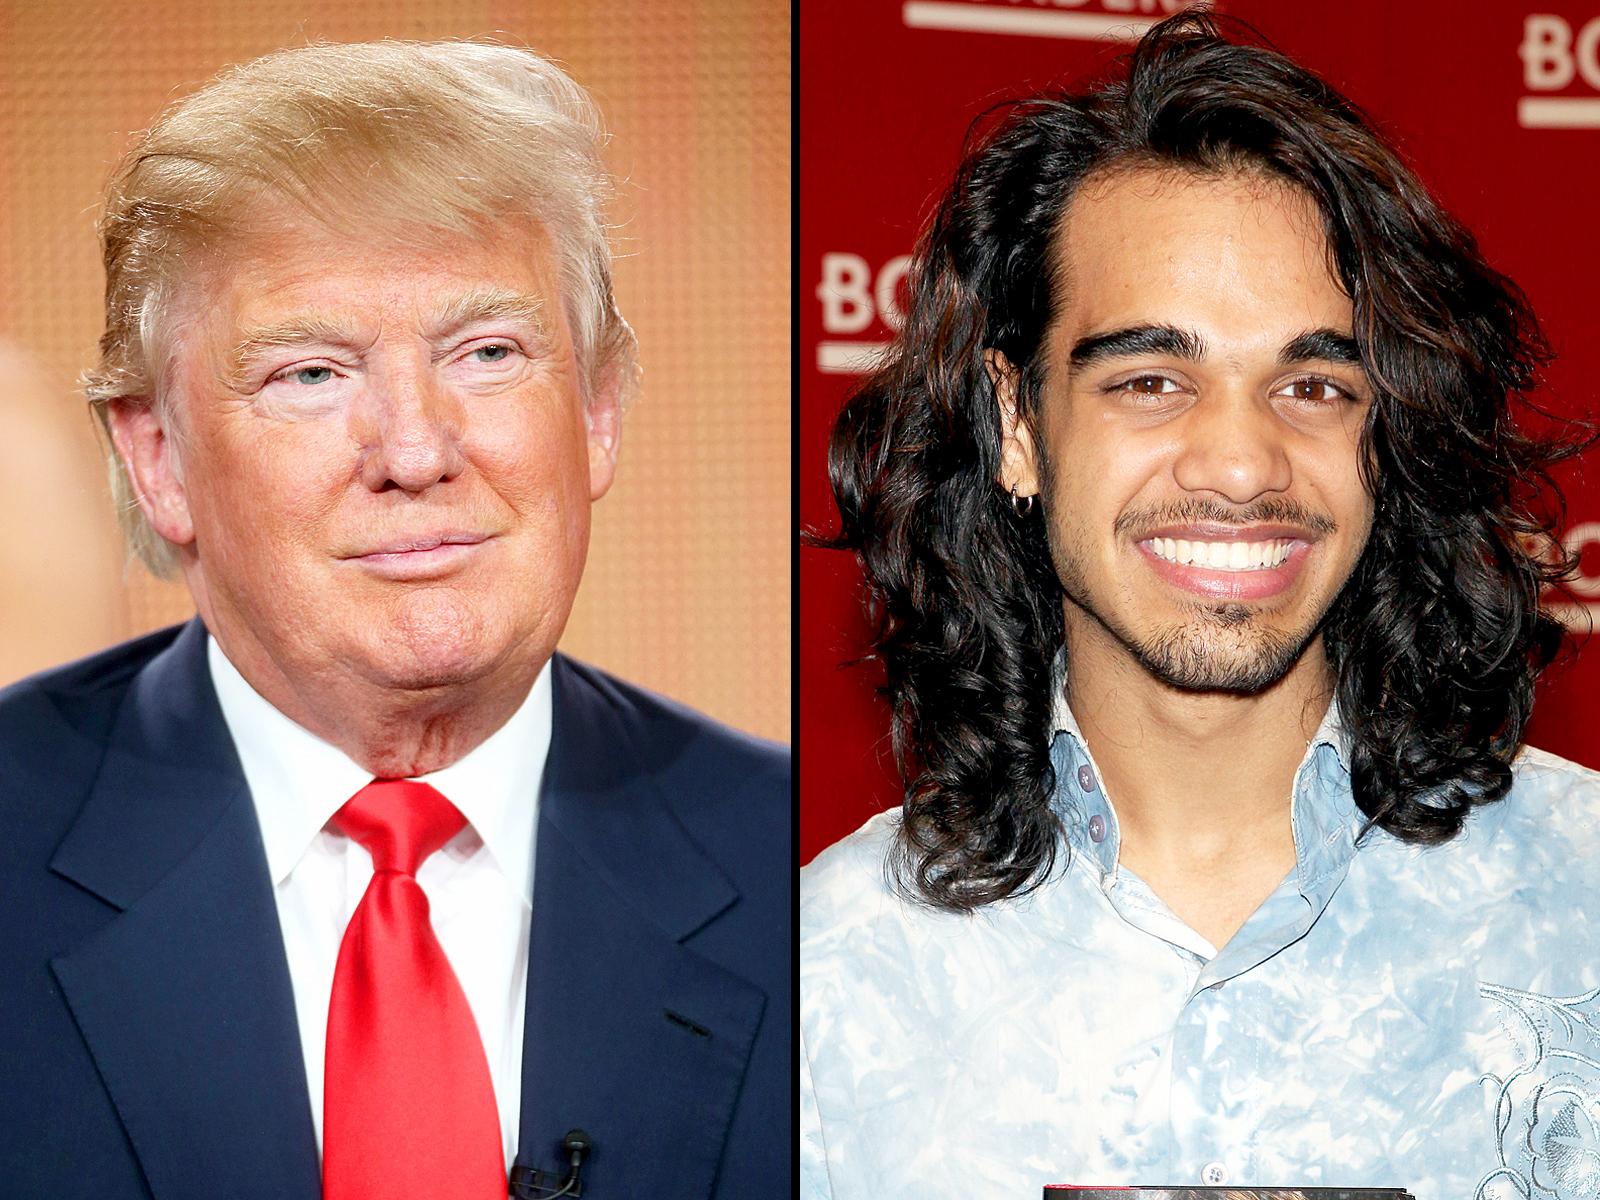 Donald Trump and Sanjaya Malakar